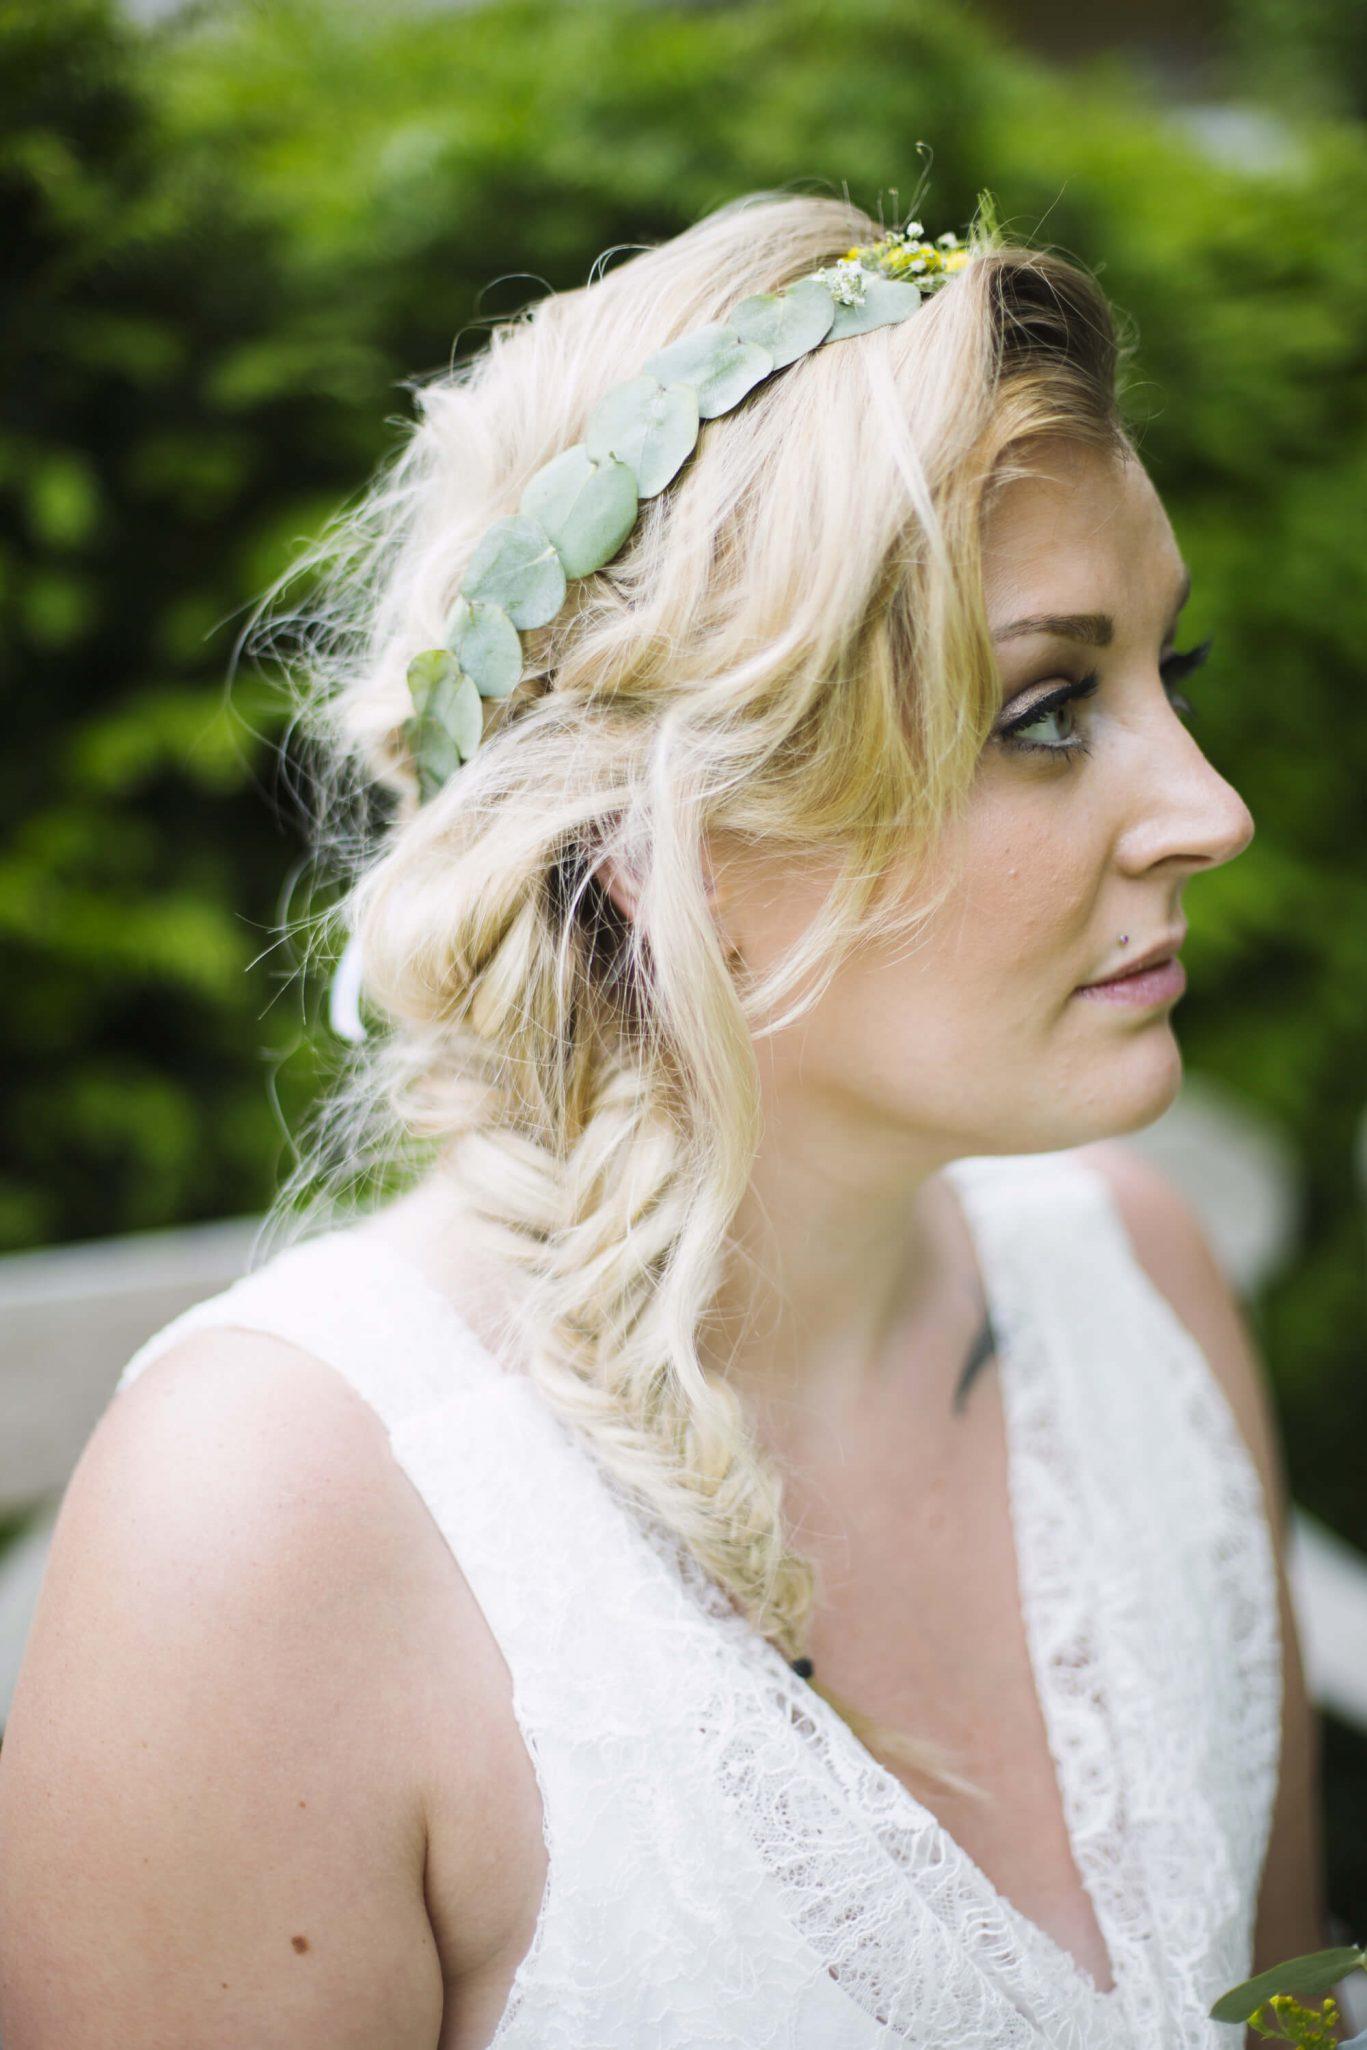 mariage_coiffure_couronne_vegetale_fleurs